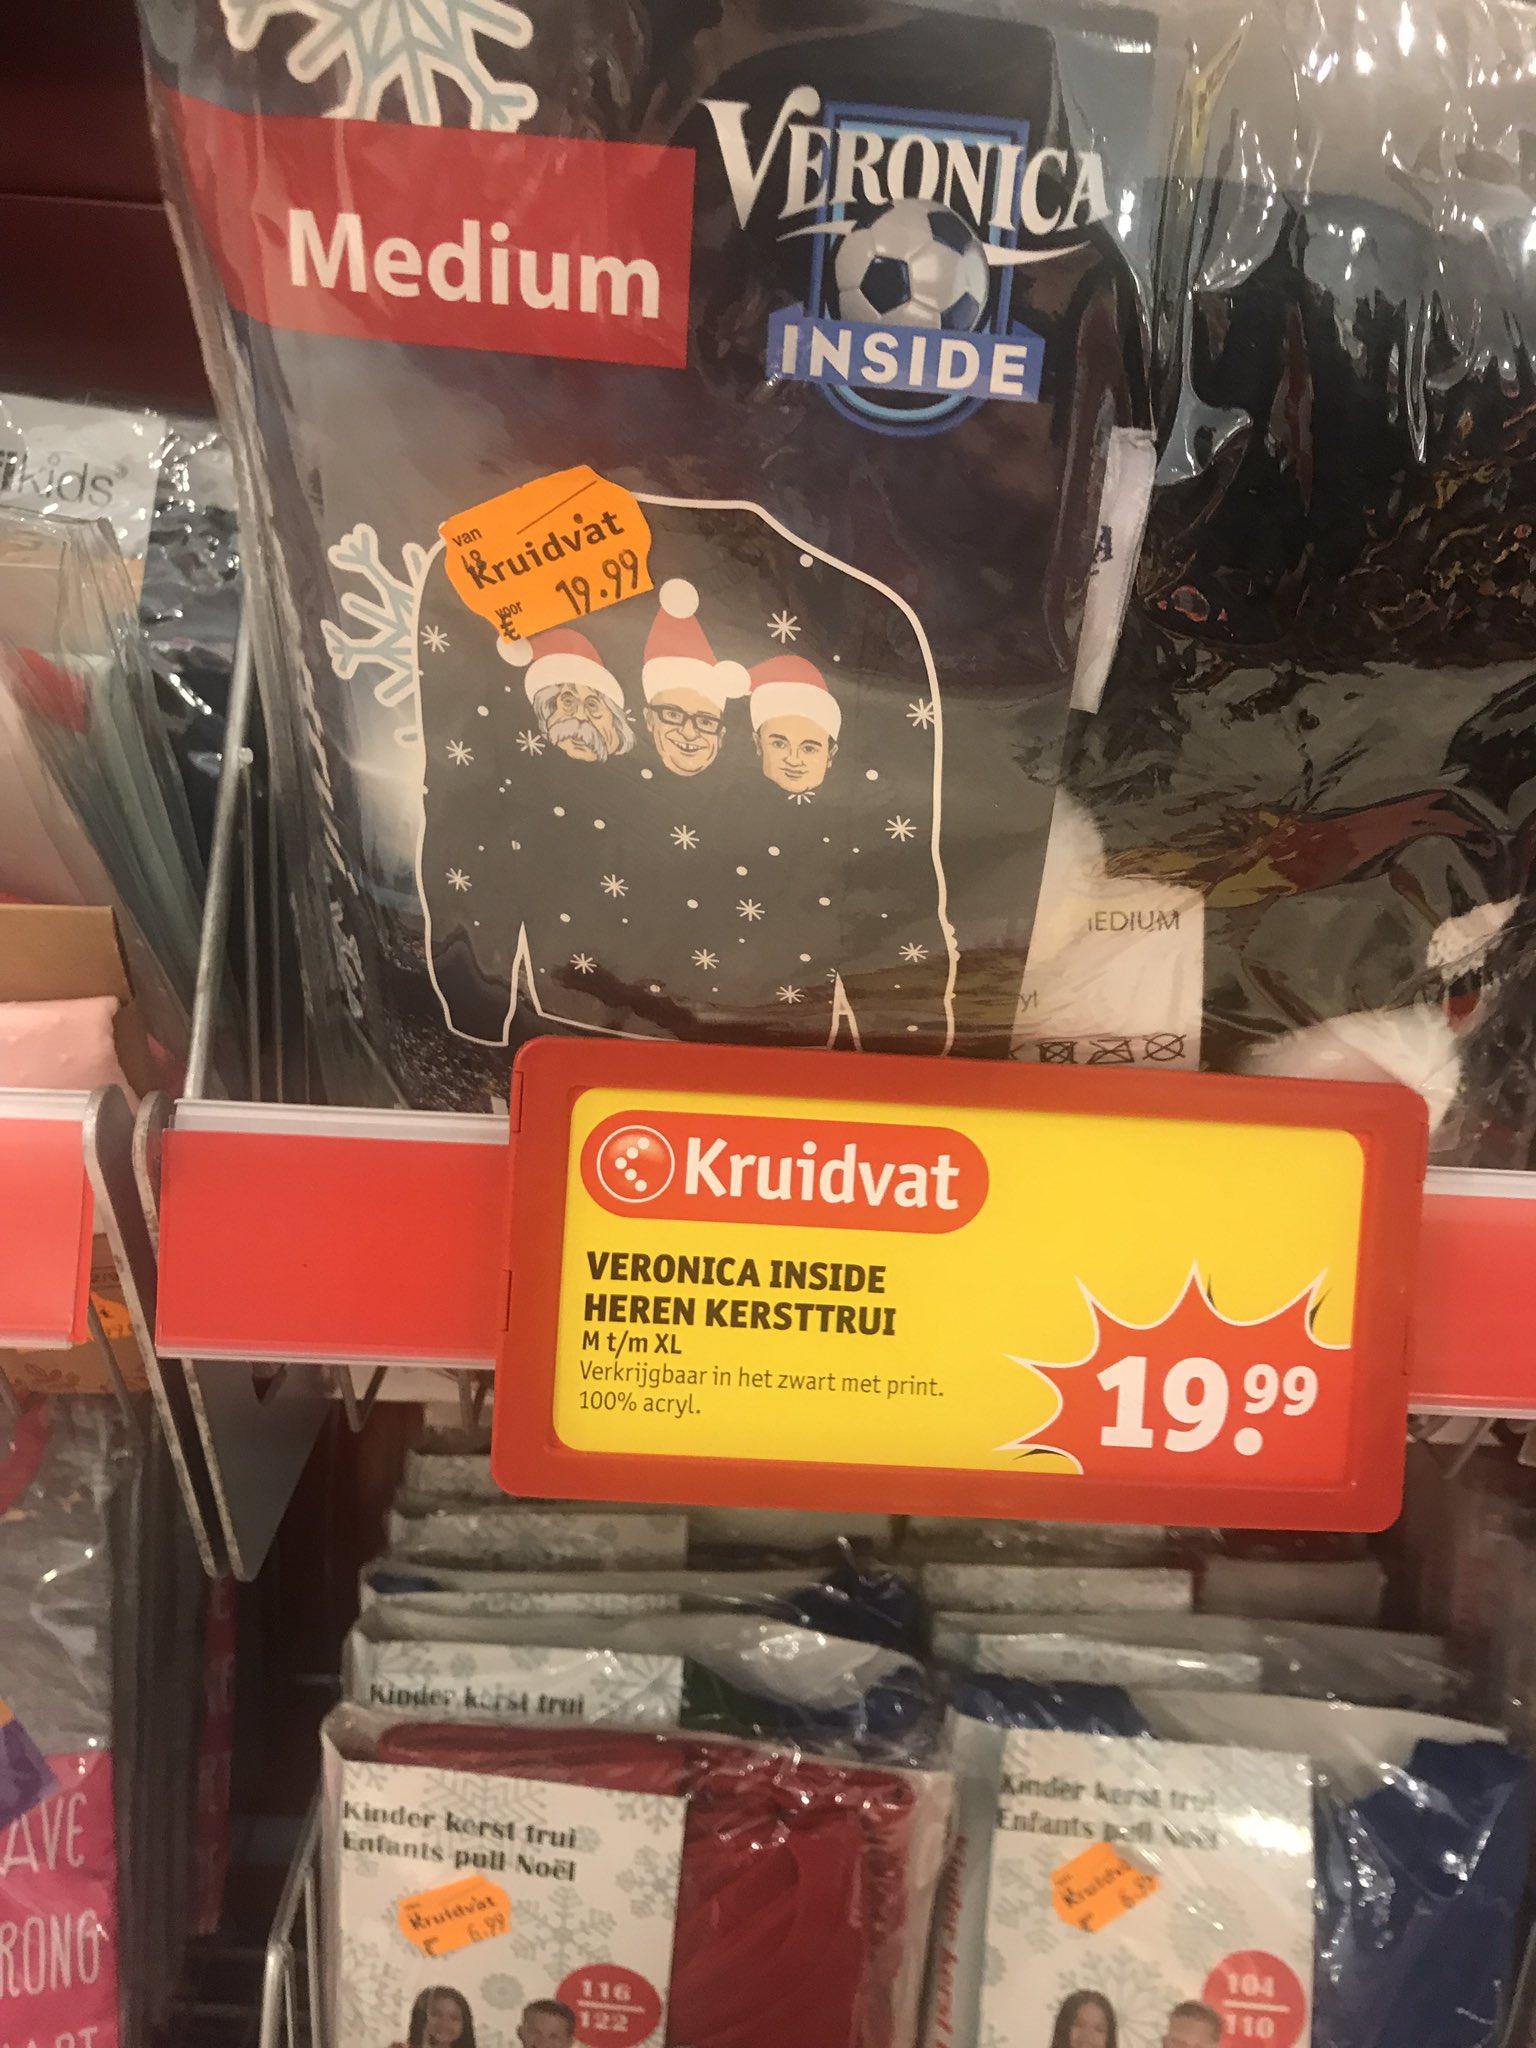 Foute Kersttrui Heren Kruidvat.Wilfred Genee On Twitter Online Zijn Ze Nagenoeg Uitverkocht Maar